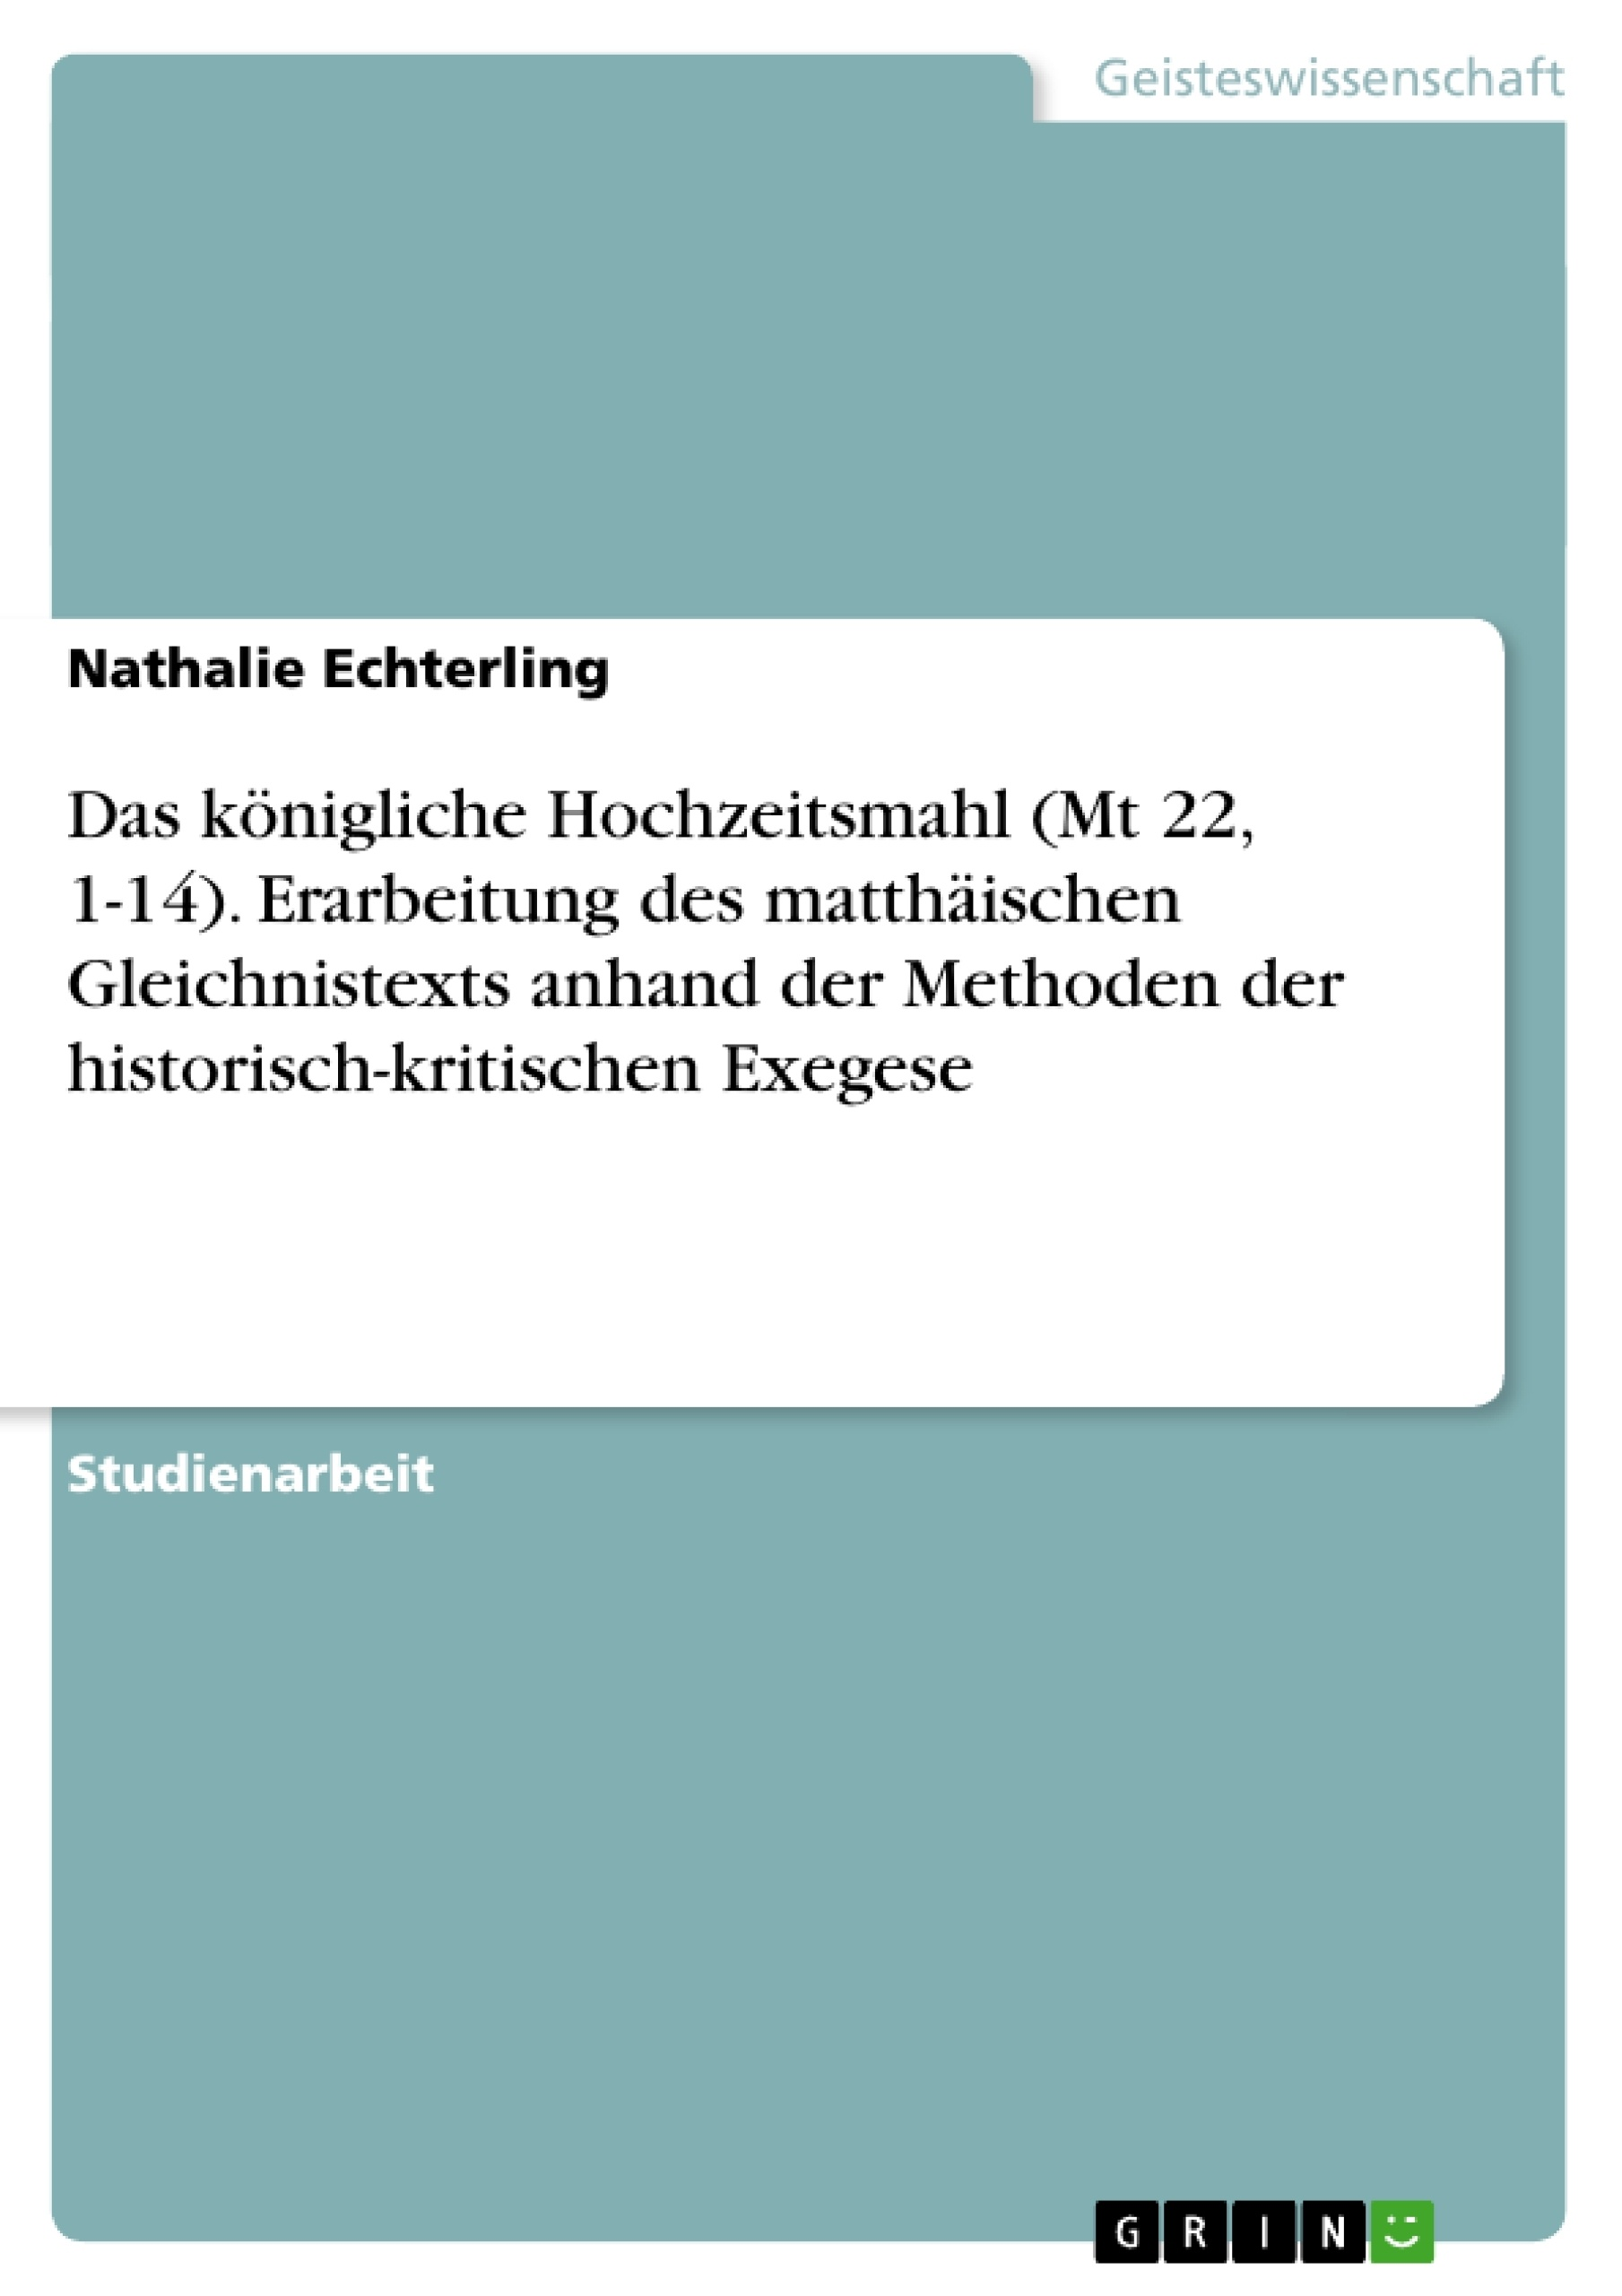 Titel: Das königliche Hochzeitsmahl (Mt 22, 1-14). Erarbeitung des matthäischen Gleichnistexts anhand der Methoden der historisch-kritischen Exegese